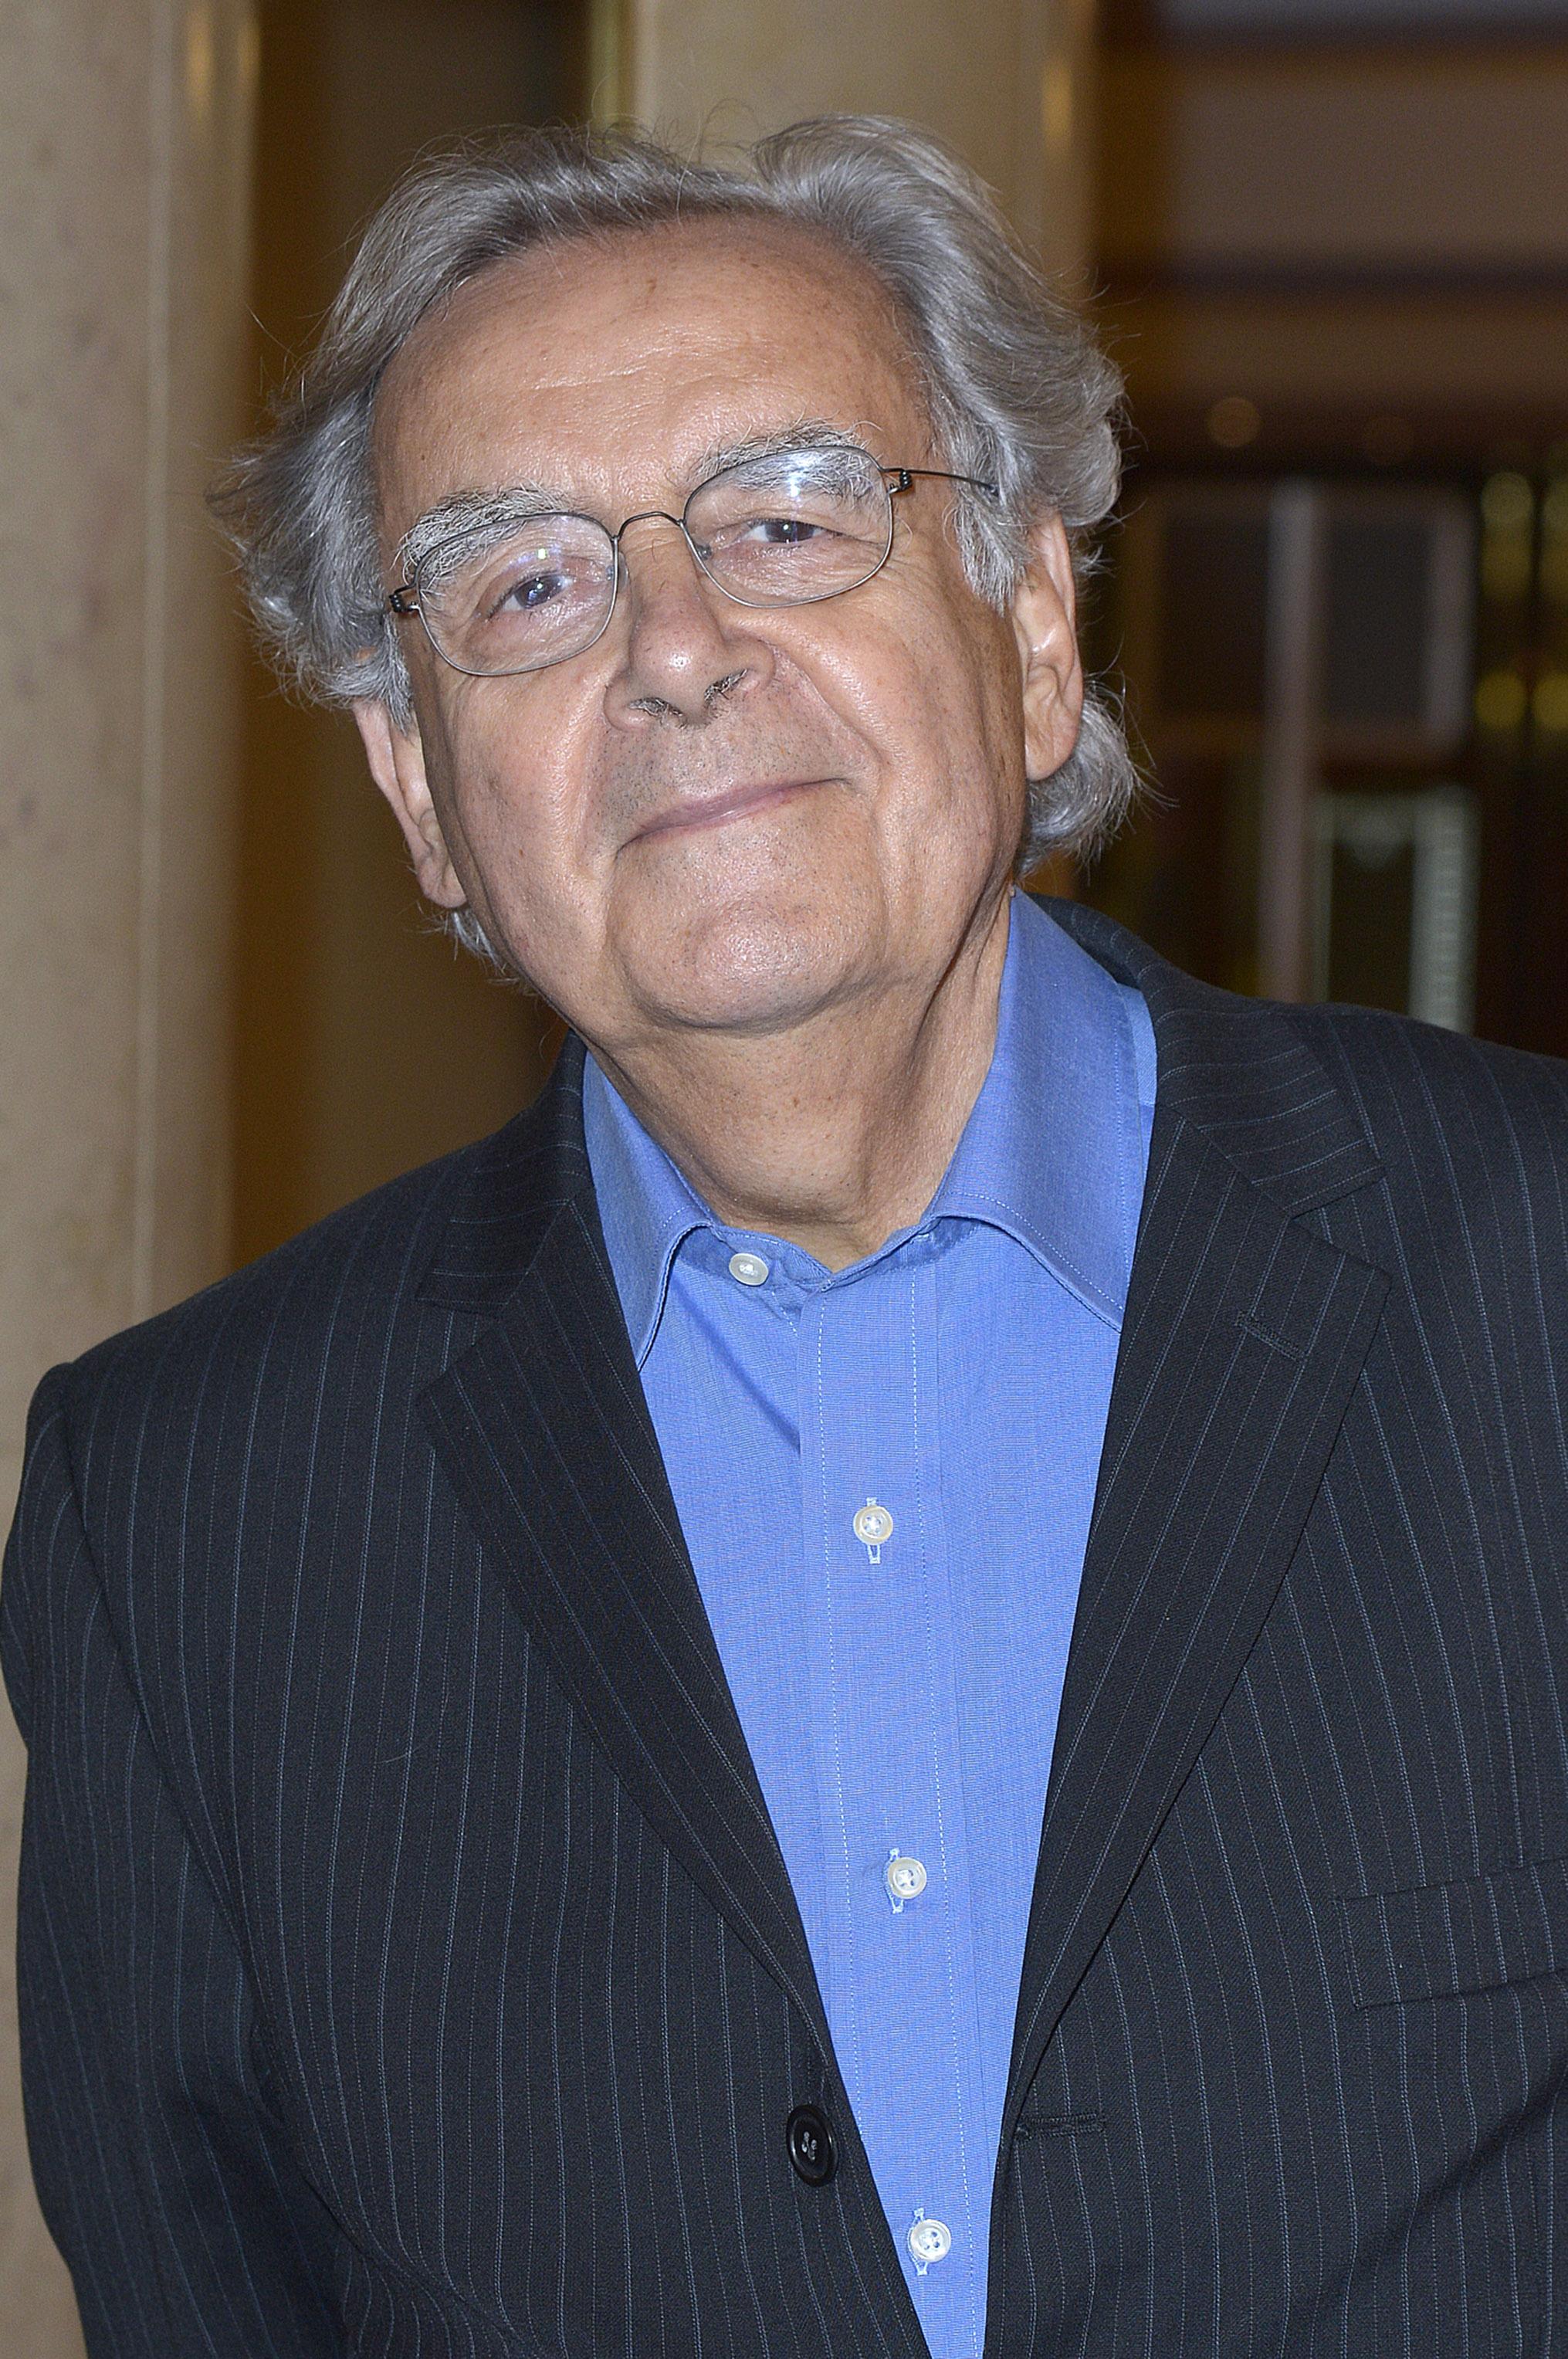 Bernard Pivot